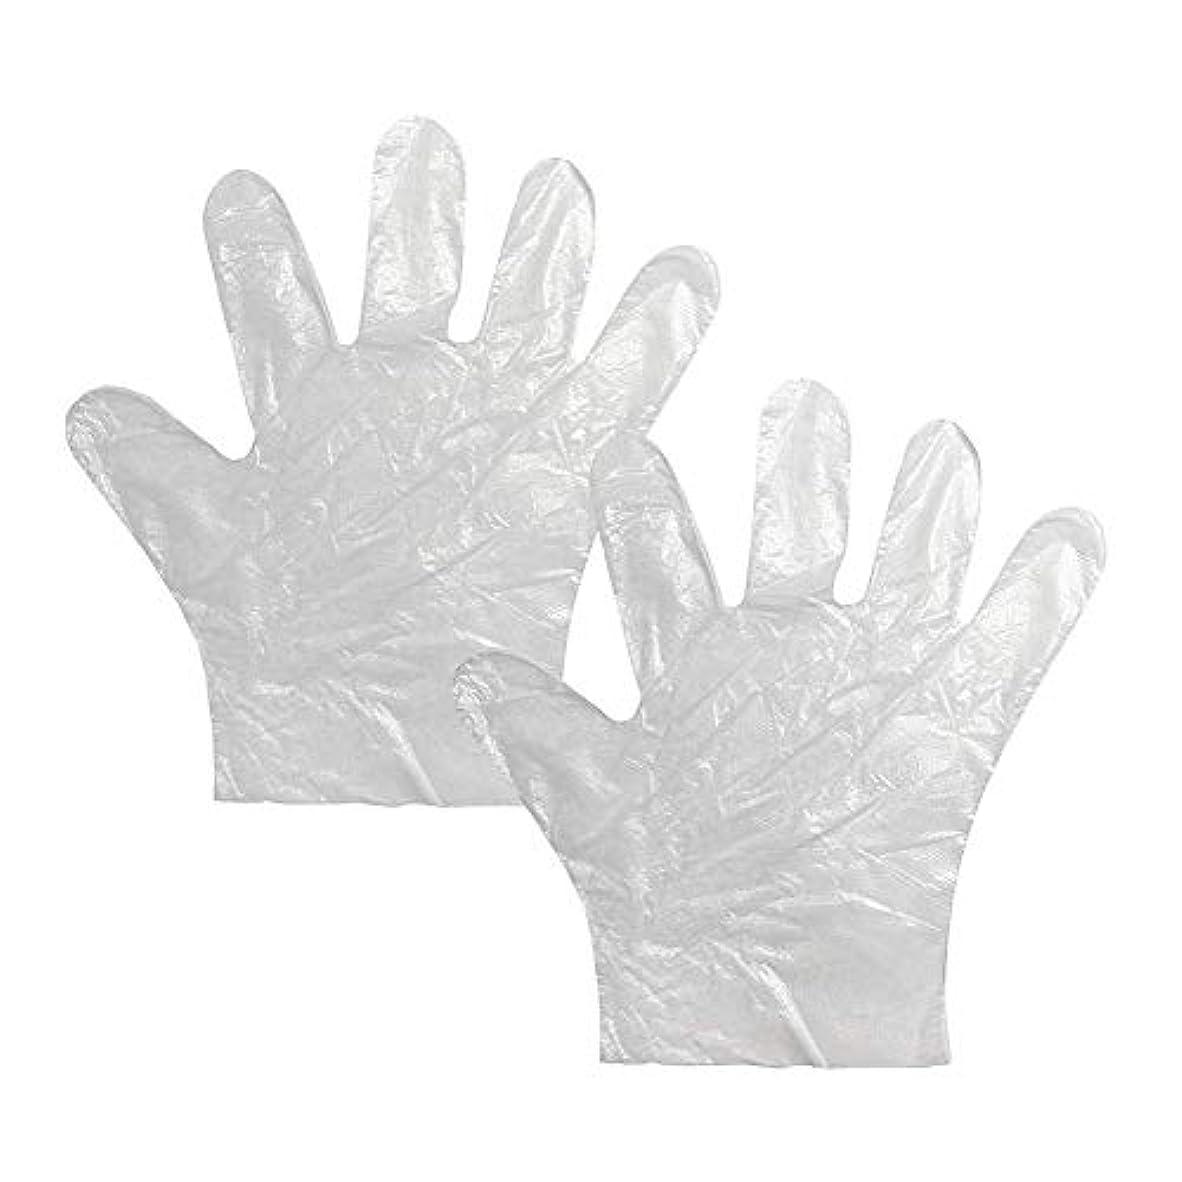 非アクティブチーター思想使い捨て手袋 極薄ビニール手袋 耐久性が強い上に軽く高品質 透明100枚*2セット